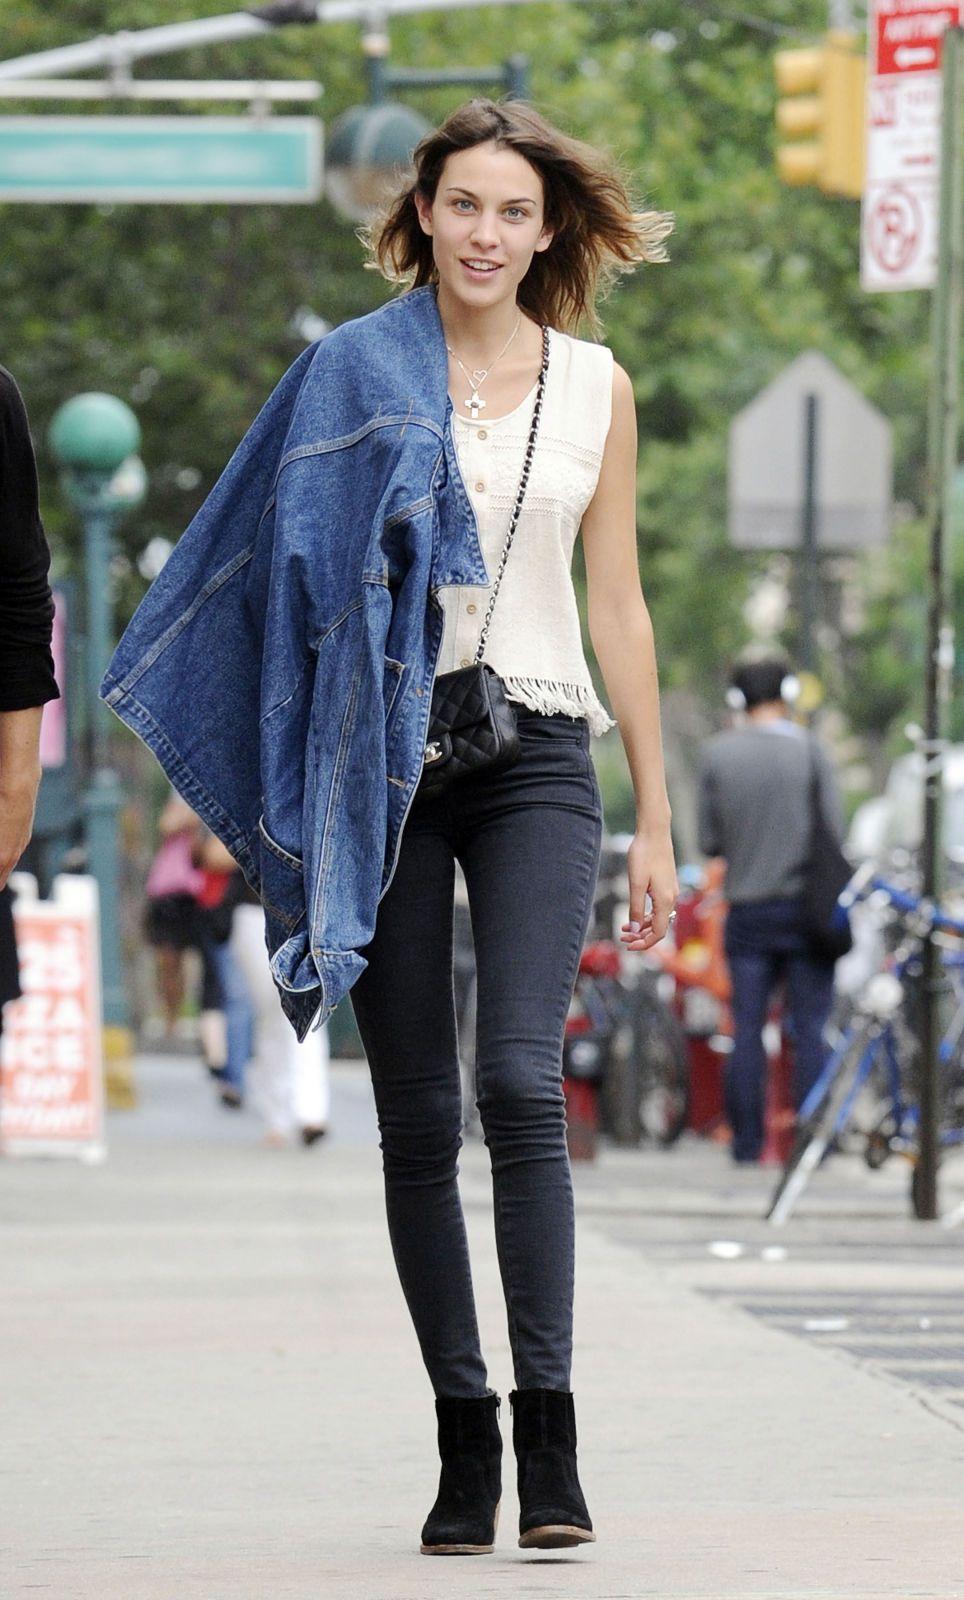 f46b99ad2a87 alexa chung. i like her style